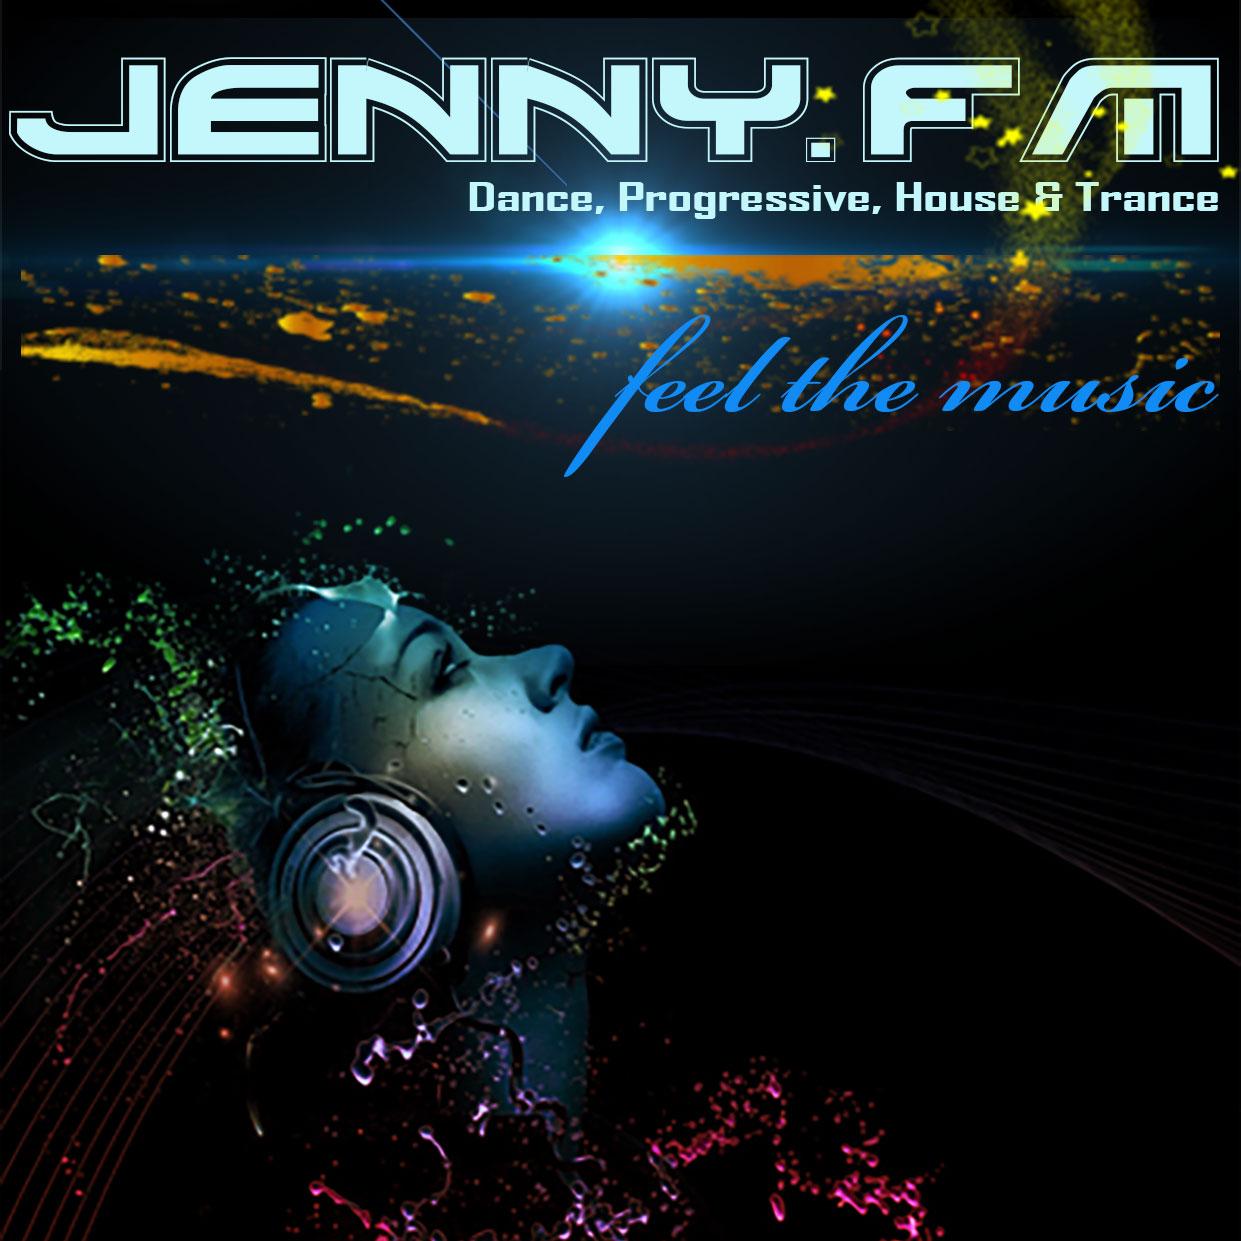 http://www.Jenny.Fm